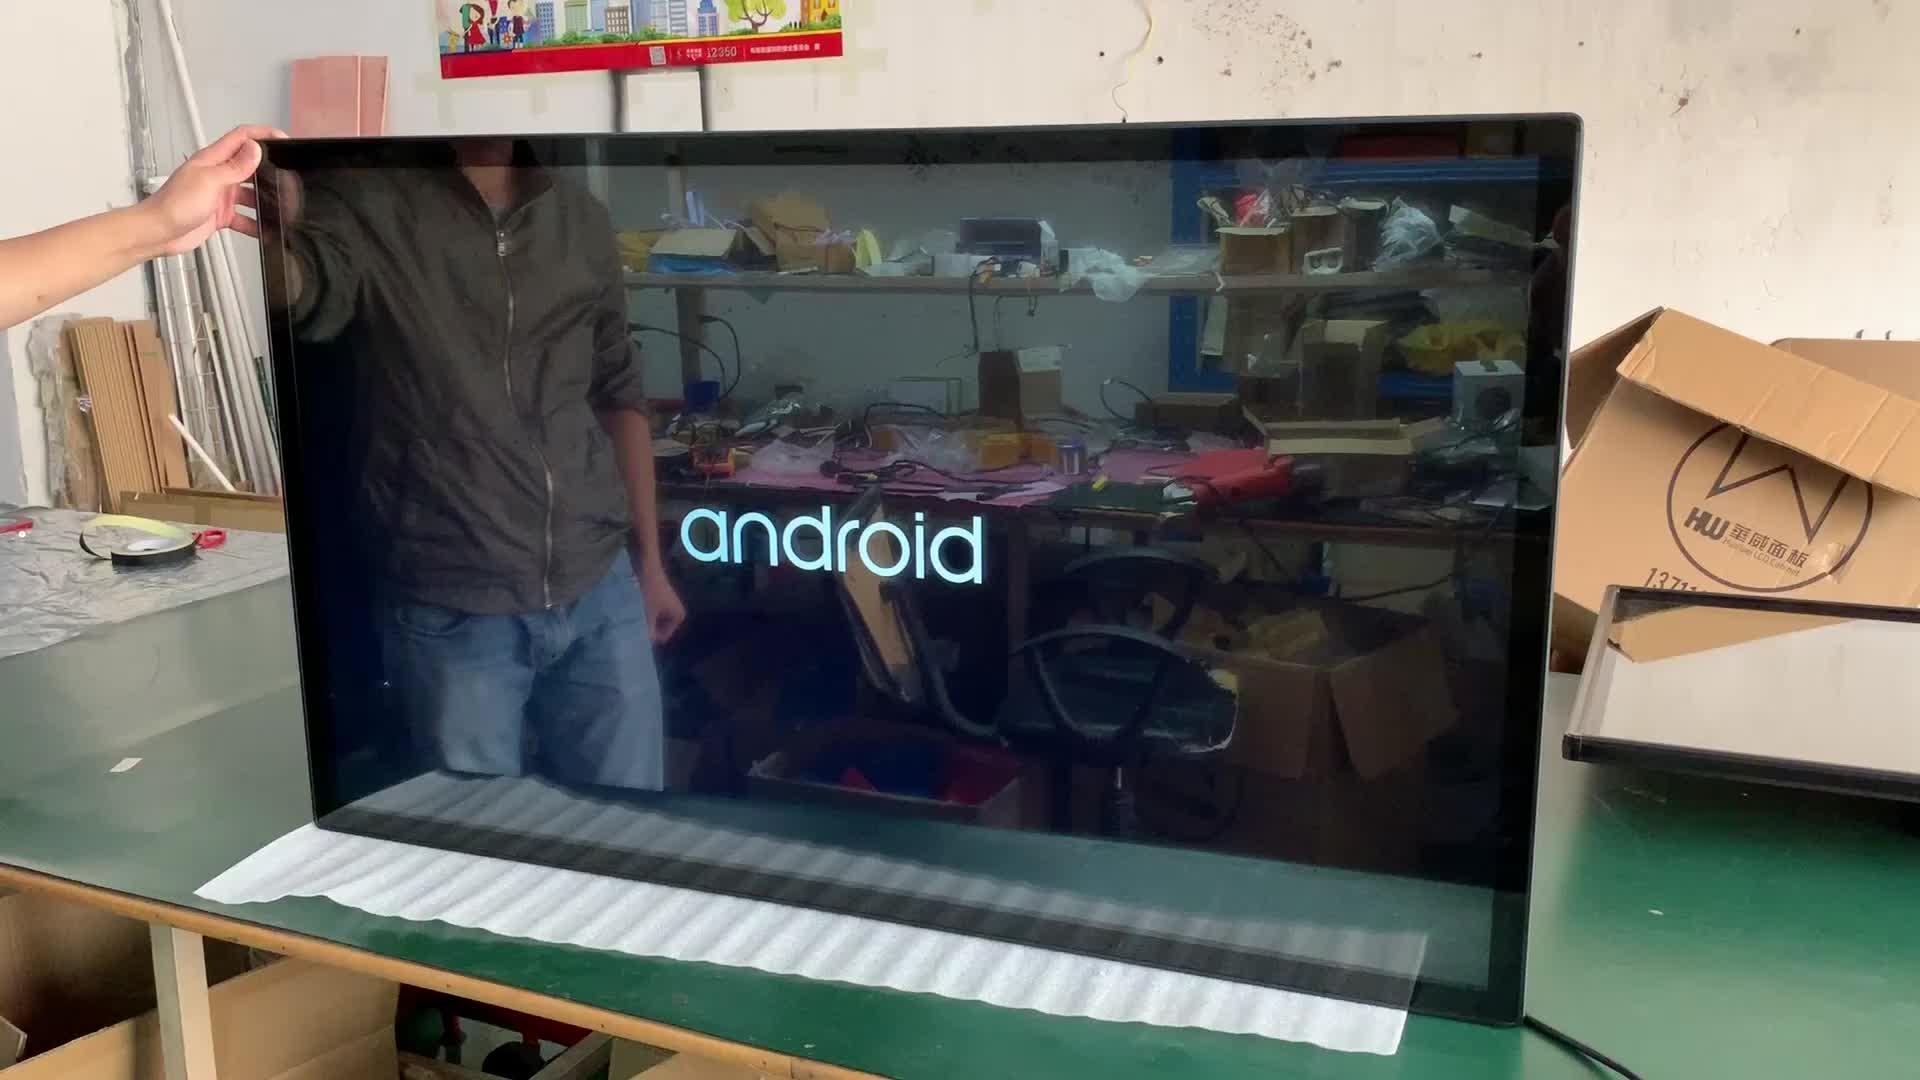 """ผนัง32 """"นิ้วLED TFT wifi Androidแสงแดดสามารถอ่านได้การแสดงผลโฆษณา"""